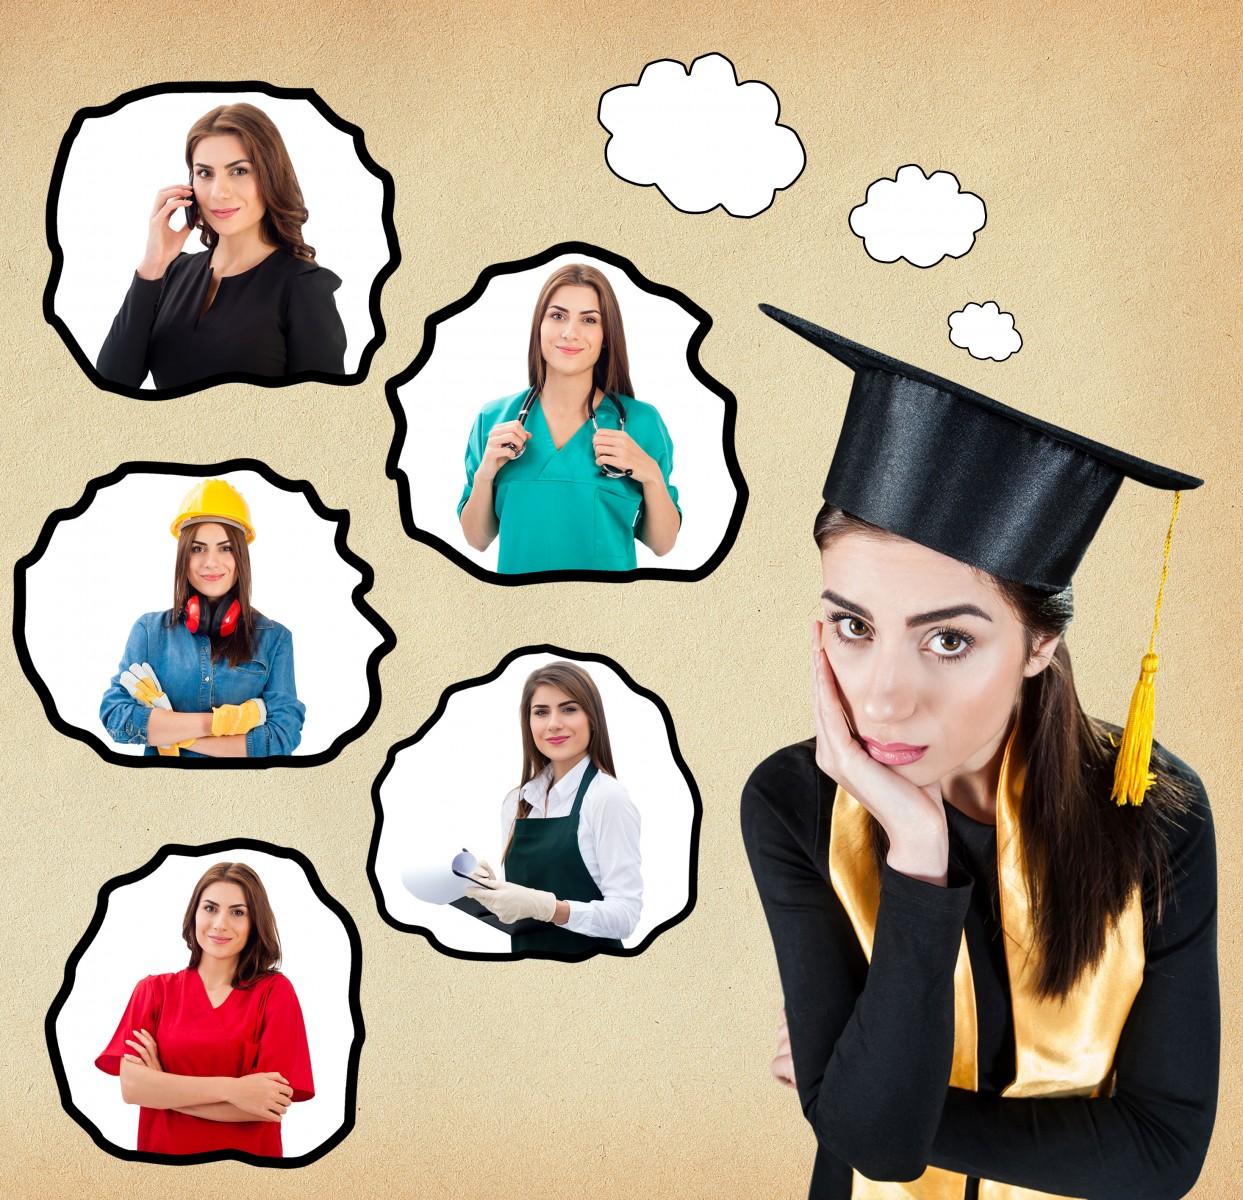 выбор специальности после вуза